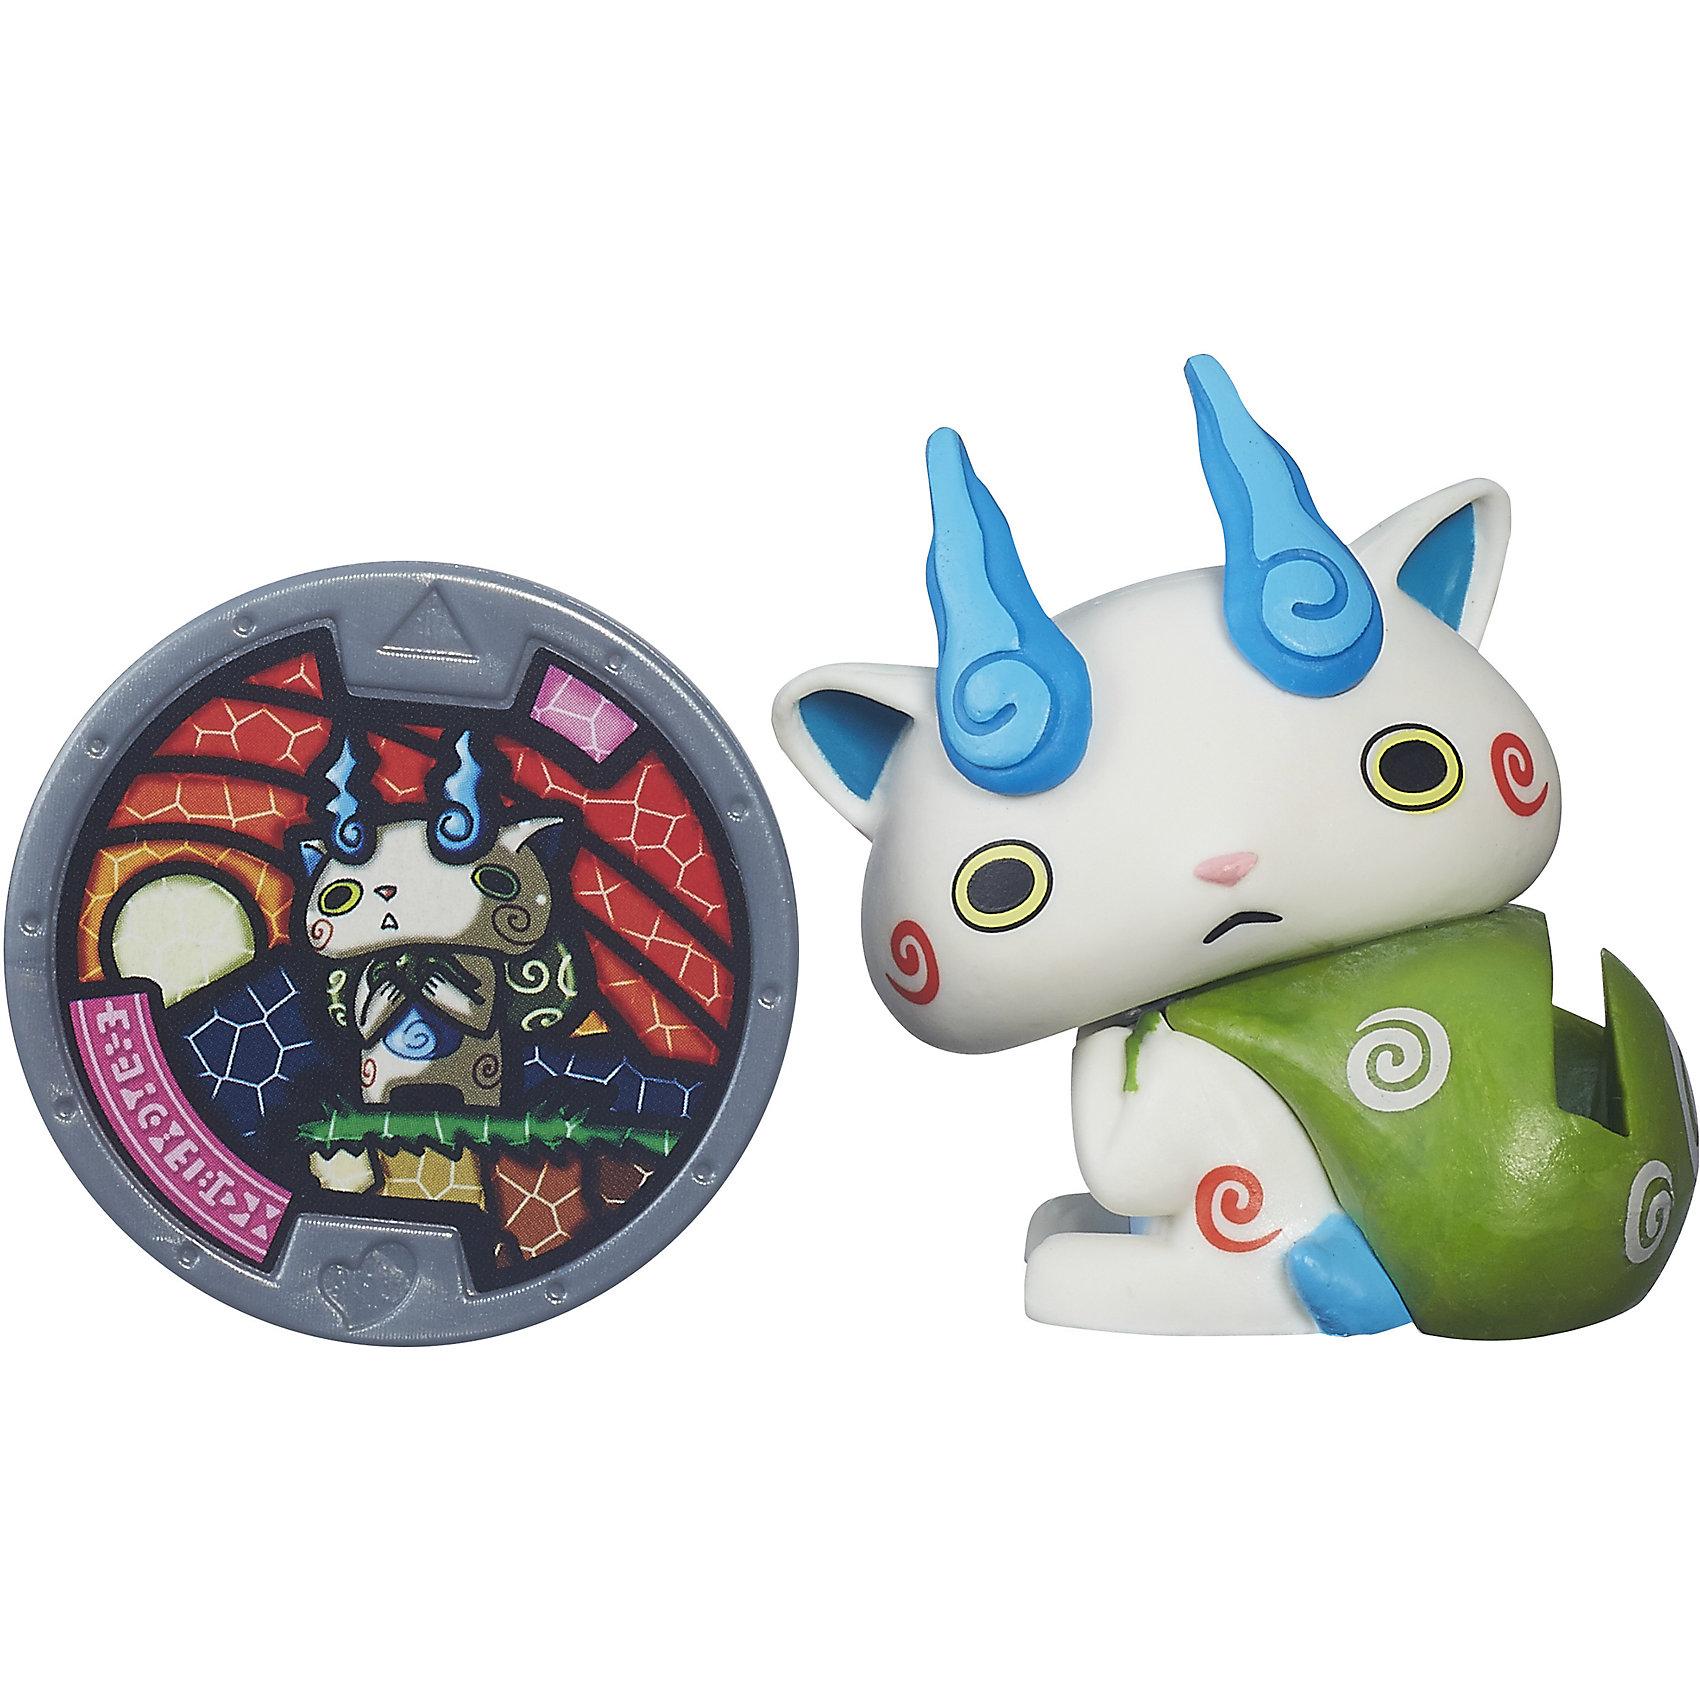 Медаль с фигуркой, Екай вотч, Komasan B5937/B5940Коллекционные и игровые фигурки<br>Медаль с фигуркой, Екай вотч, B5937/B5940.<br><br>Характеристики:<br><br>- В наборе: фигурка, медаль<br>- Материал: пластик<br>- Высота фигурки: 7 см.<br><br>Медаль Yo-Kai Watch и фигурка Komasan в одном комплекте! Фигурка служит подставкой для медали! Медаль также подходит под часы Yo-Kai Watch (приобретается отдельно), позволяет воспроизводить музыку, голосовые фразы и звуки героя. Медаль можно сканировать в приложении Yo-kai Watch Land app. Для получения новых игровых возможностей. Набор станет основной для разыгрывания увлекательных приключений по мотивам популярного аниме о духах Йокай.<br><br>Медаль с фигуркой, Екай вотч, B5937/B5940 можно купить в нашем интернет-магазине.<br><br>Ширина мм: 158<br>Глубина мм: 128<br>Высота мм: 430<br>Вес г: 70<br>Возраст от месяцев: 48<br>Возраст до месяцев: 120<br>Пол: Мужской<br>Возраст: Детский<br>SKU: 5064725